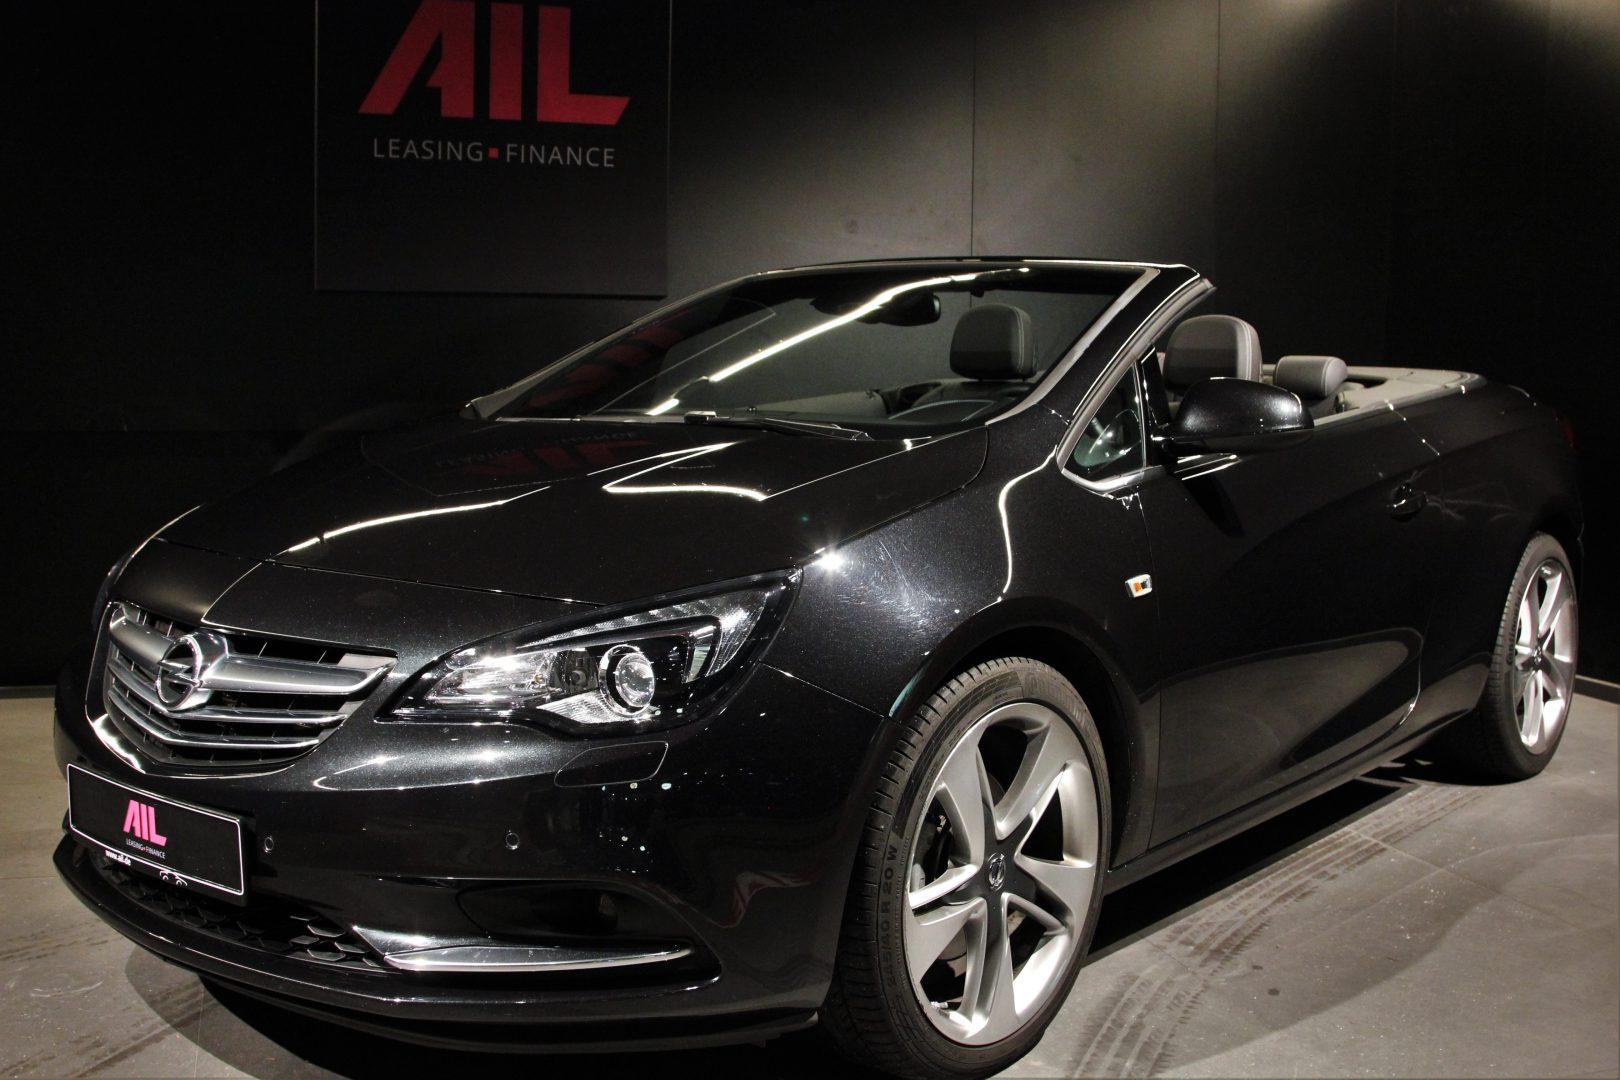 AIL Opel Cascada Innovation 9